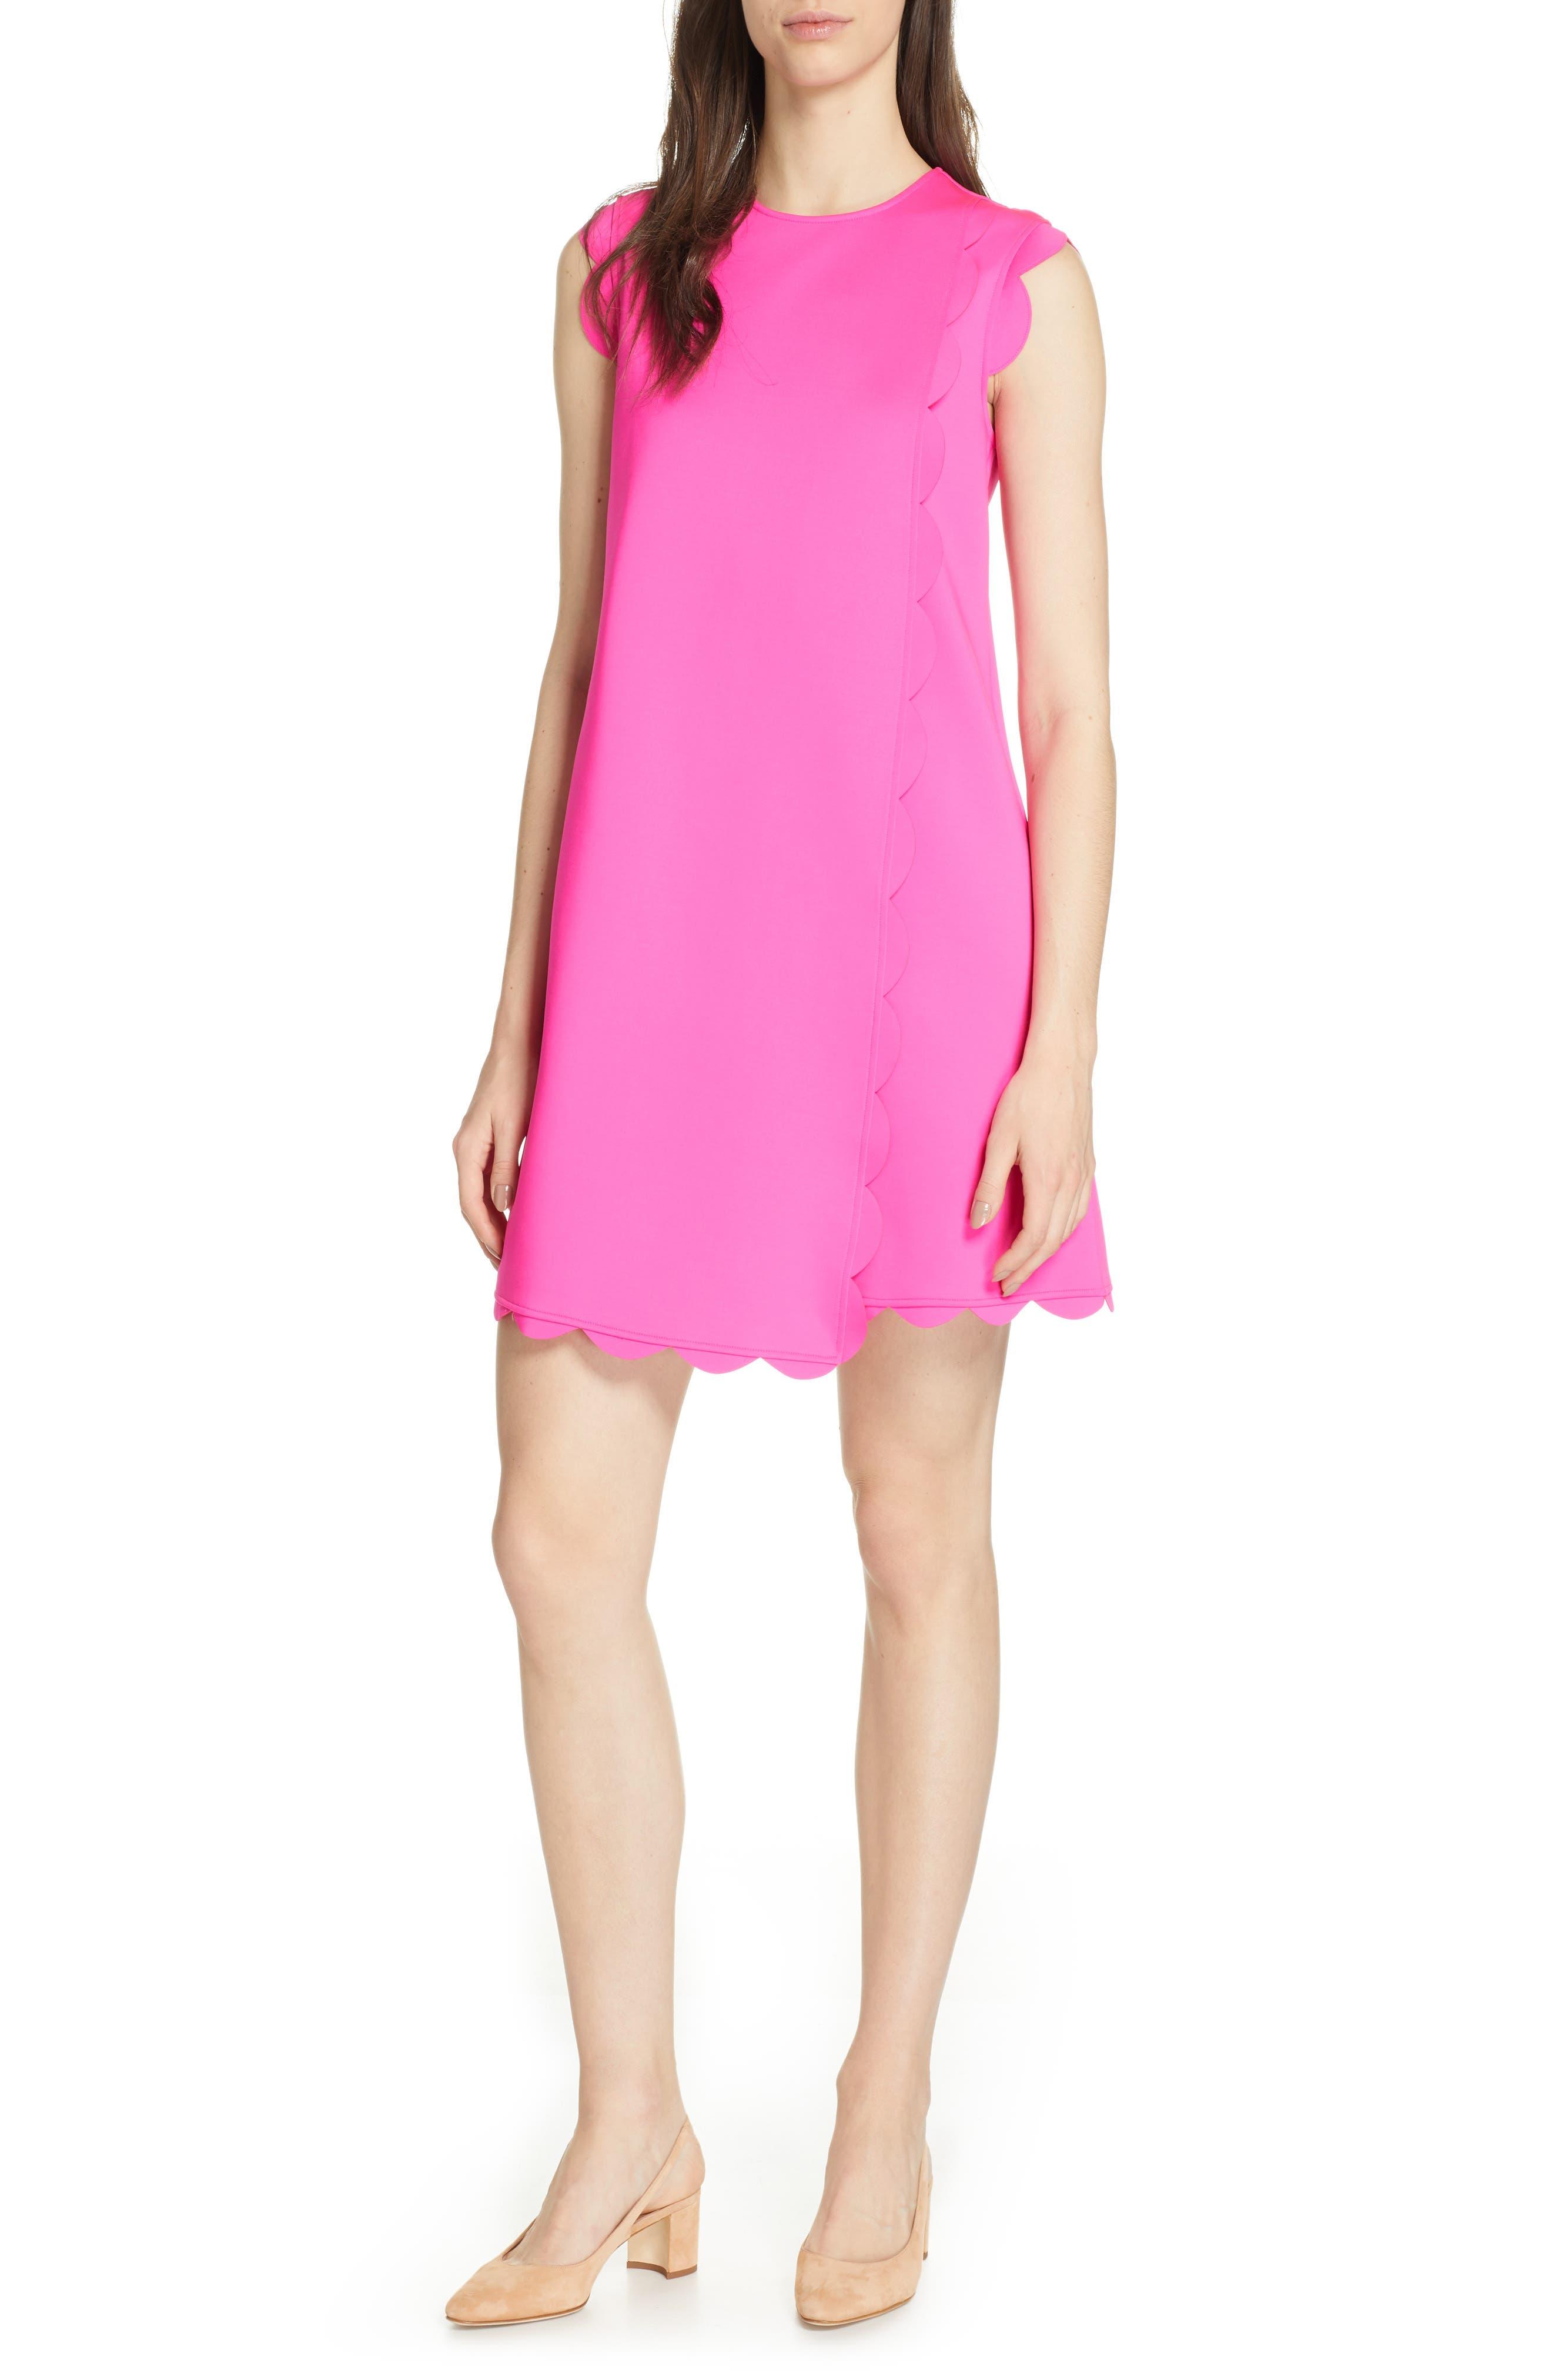 Ted Baker London Fresh Start Scalloped Swing Dress, Pink